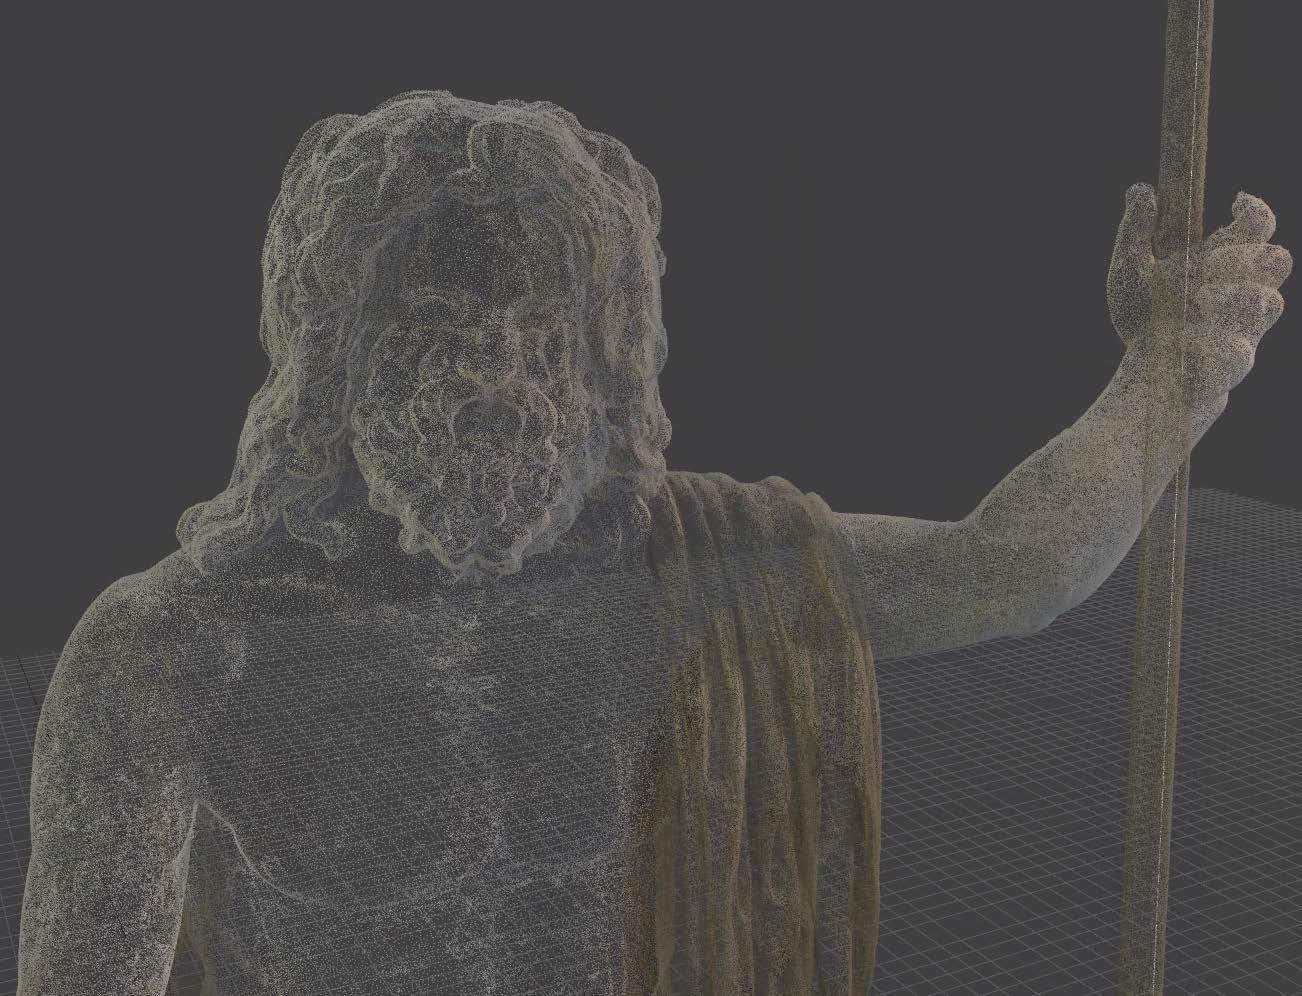 Виртуальный зал Эрмитажа — первый шаг к будущему по Пелевину - 1